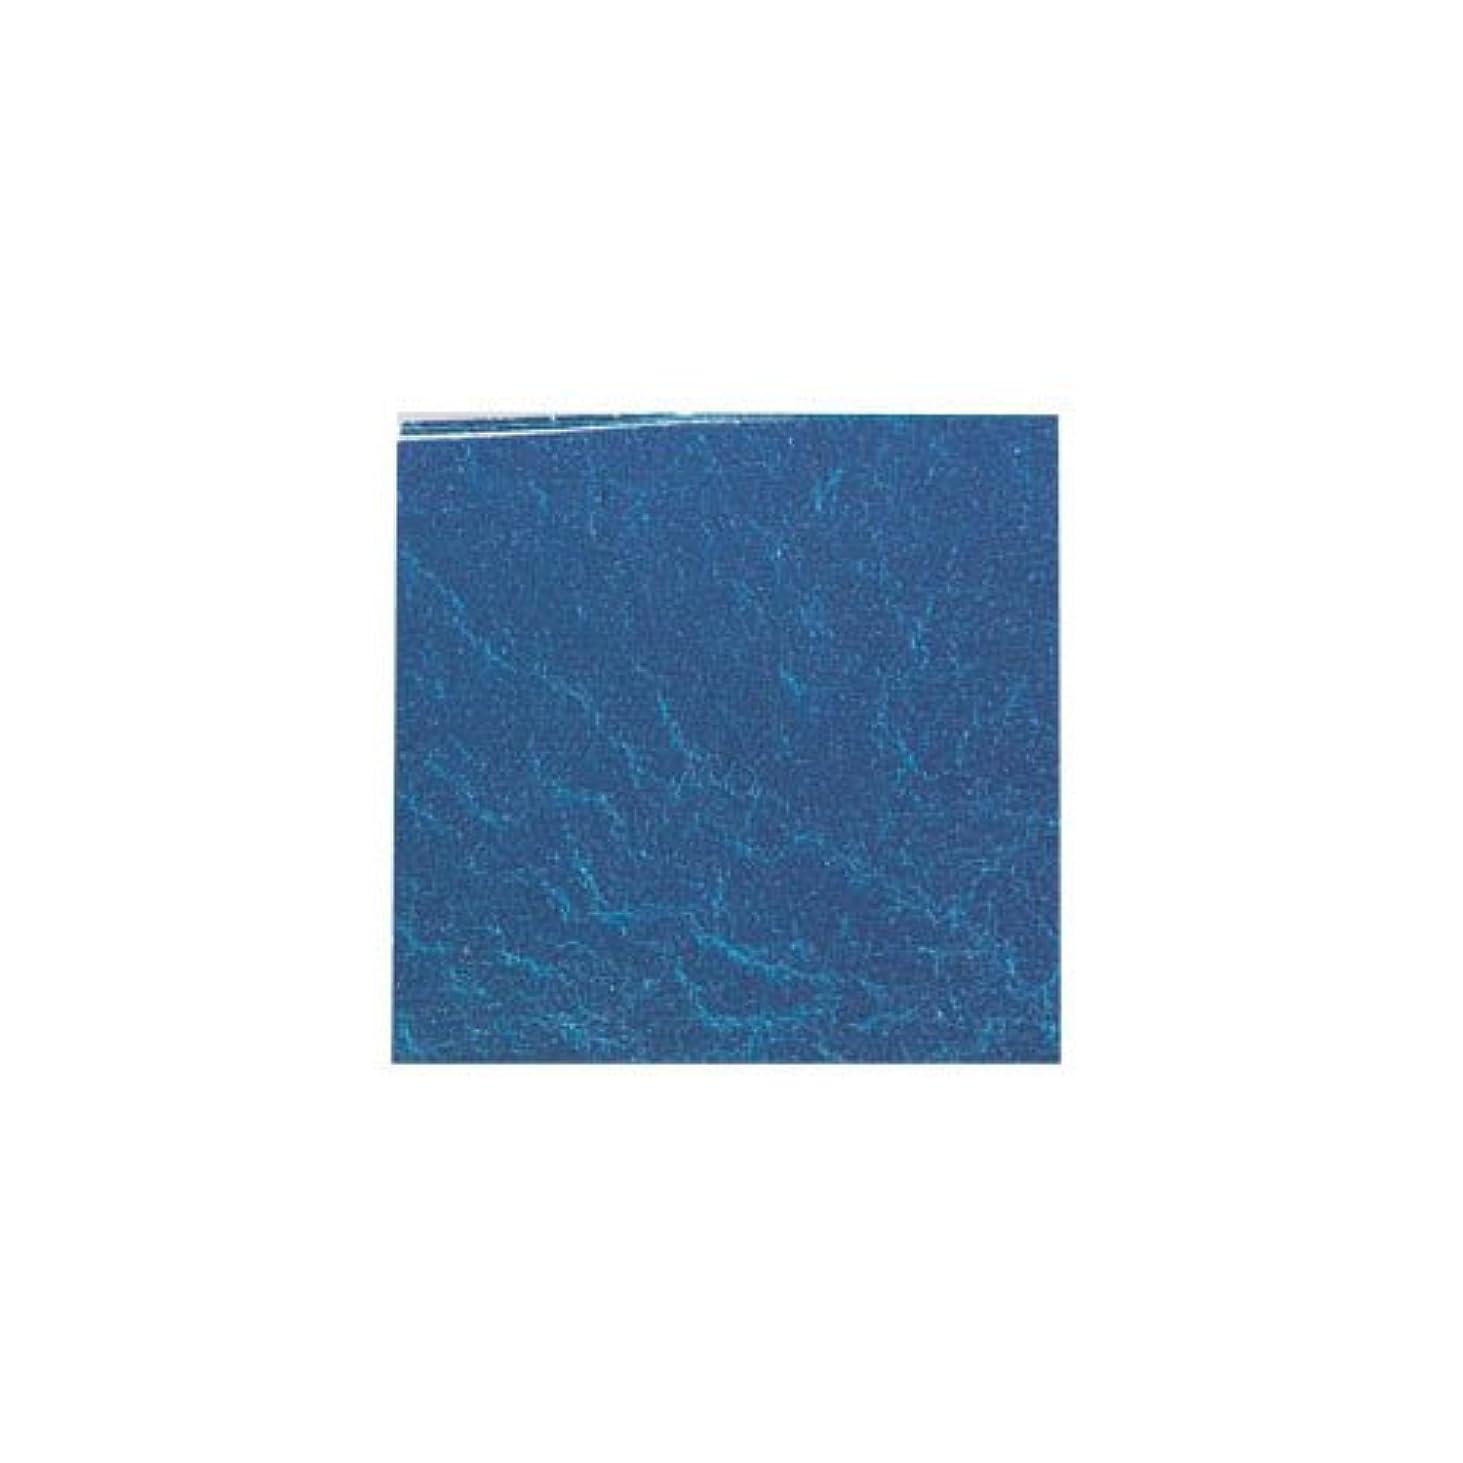 に頼る雇うマエストロピカエース ネイル用パウダー カラー純銀箔 #613 藍色 3.5㎜角×5枚